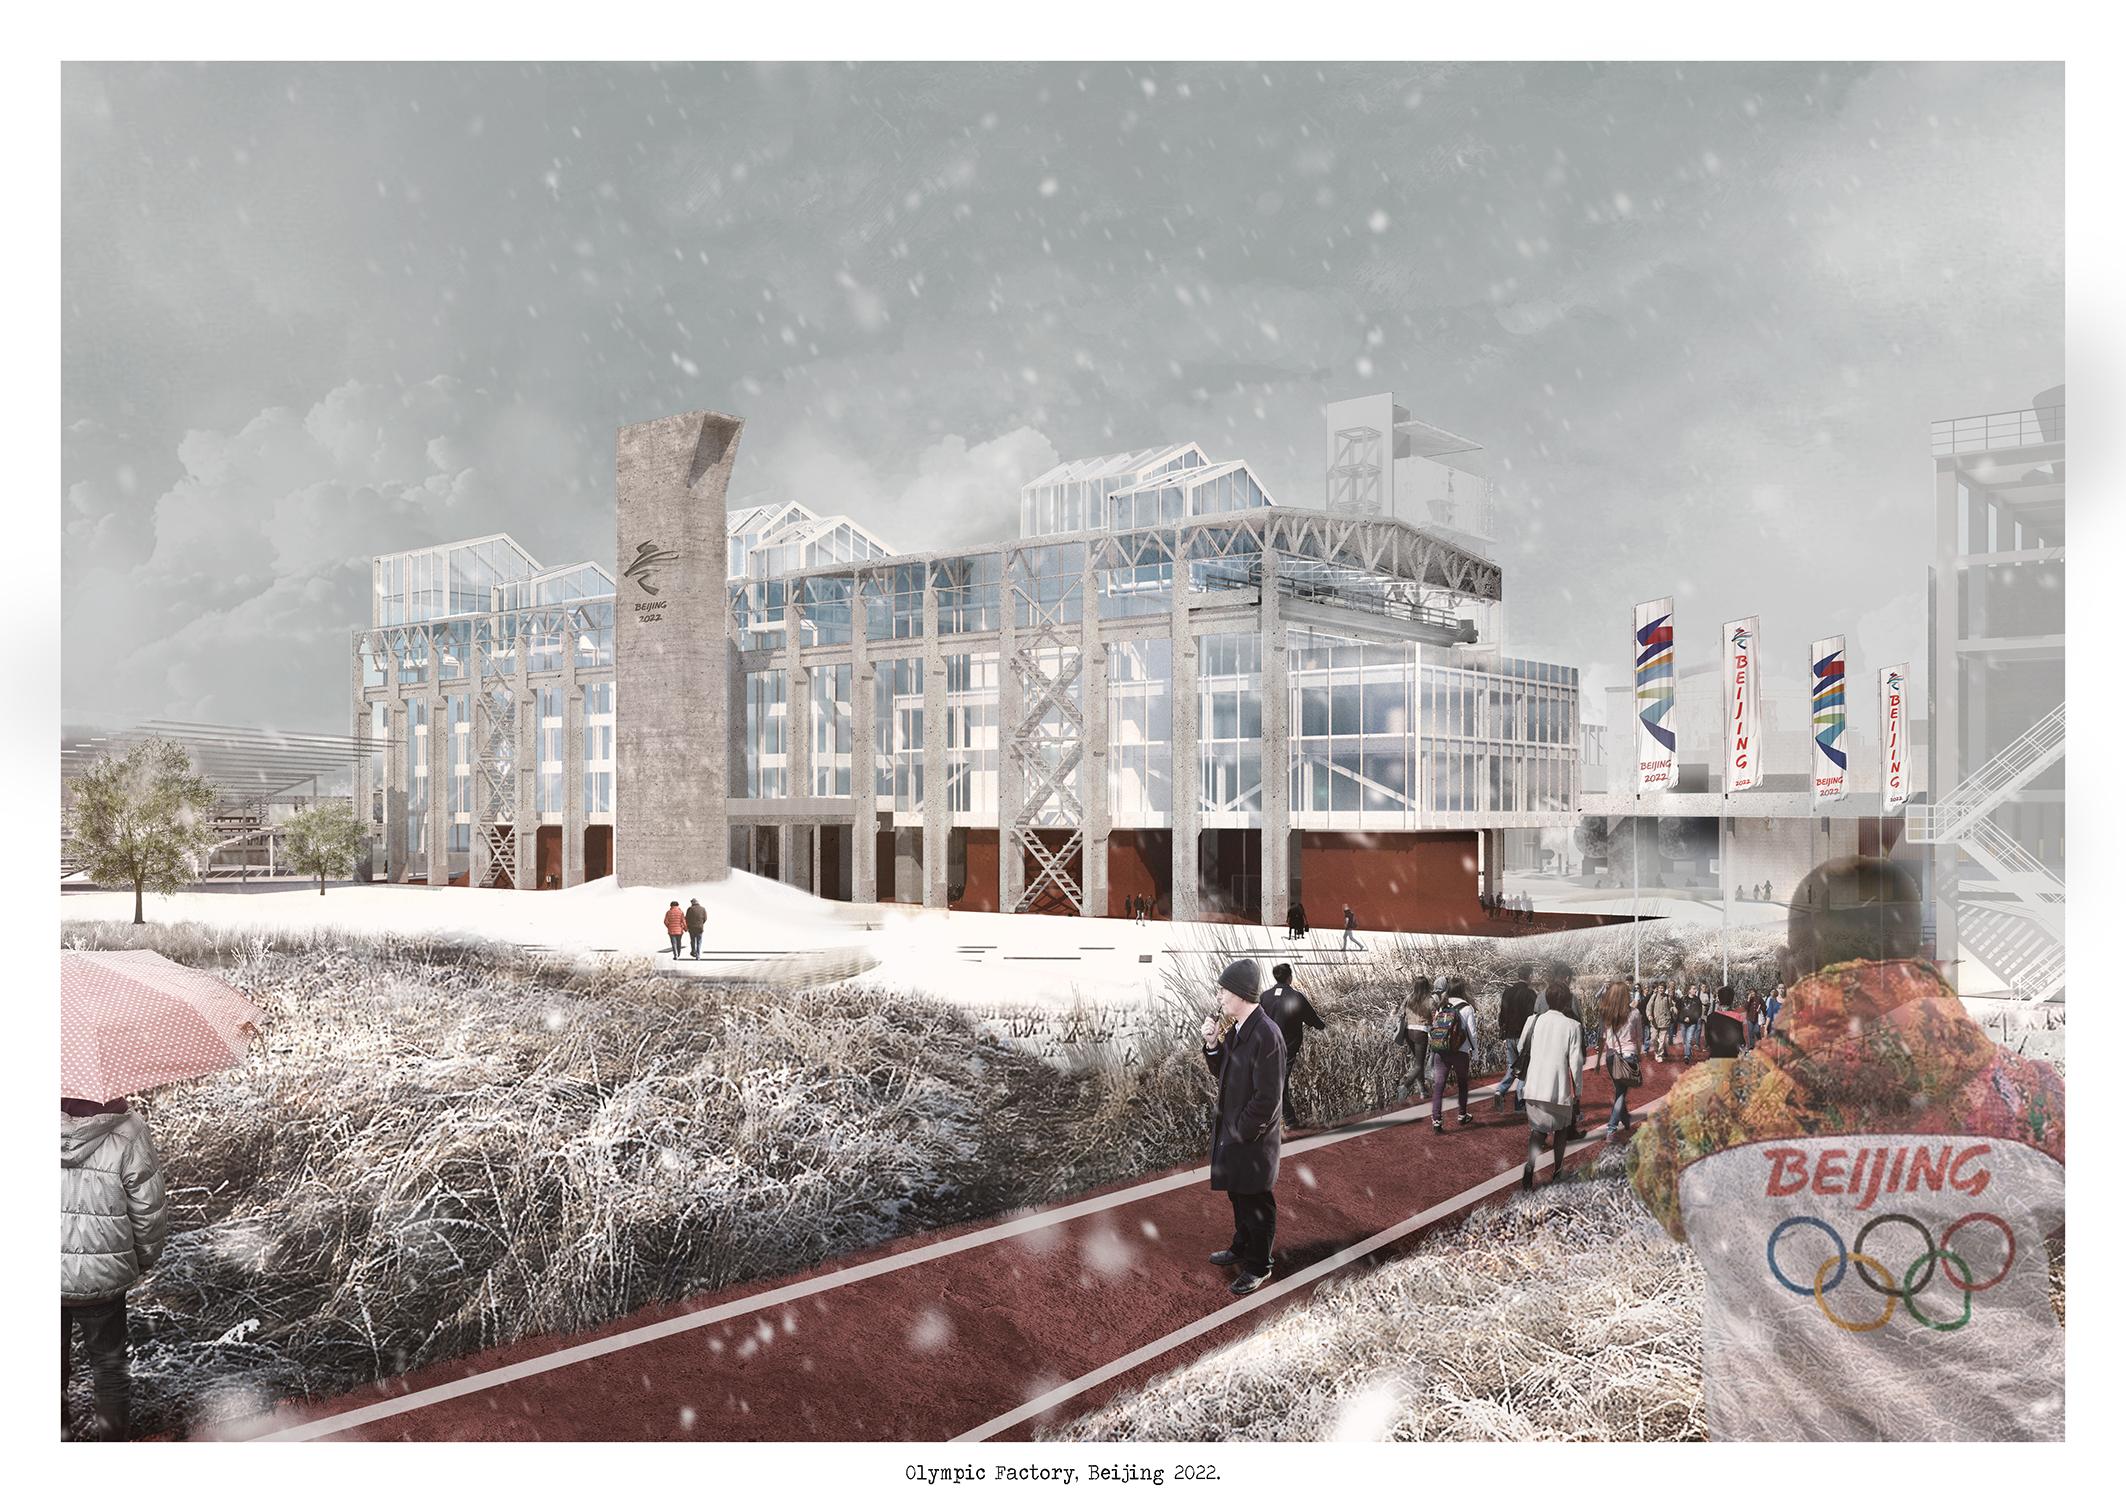 Il progetto del Politecnico di Torino per le Olimpiadi di Pechino 2022 - trasformazione della Oxygen Factory - render dal parco a sud-est